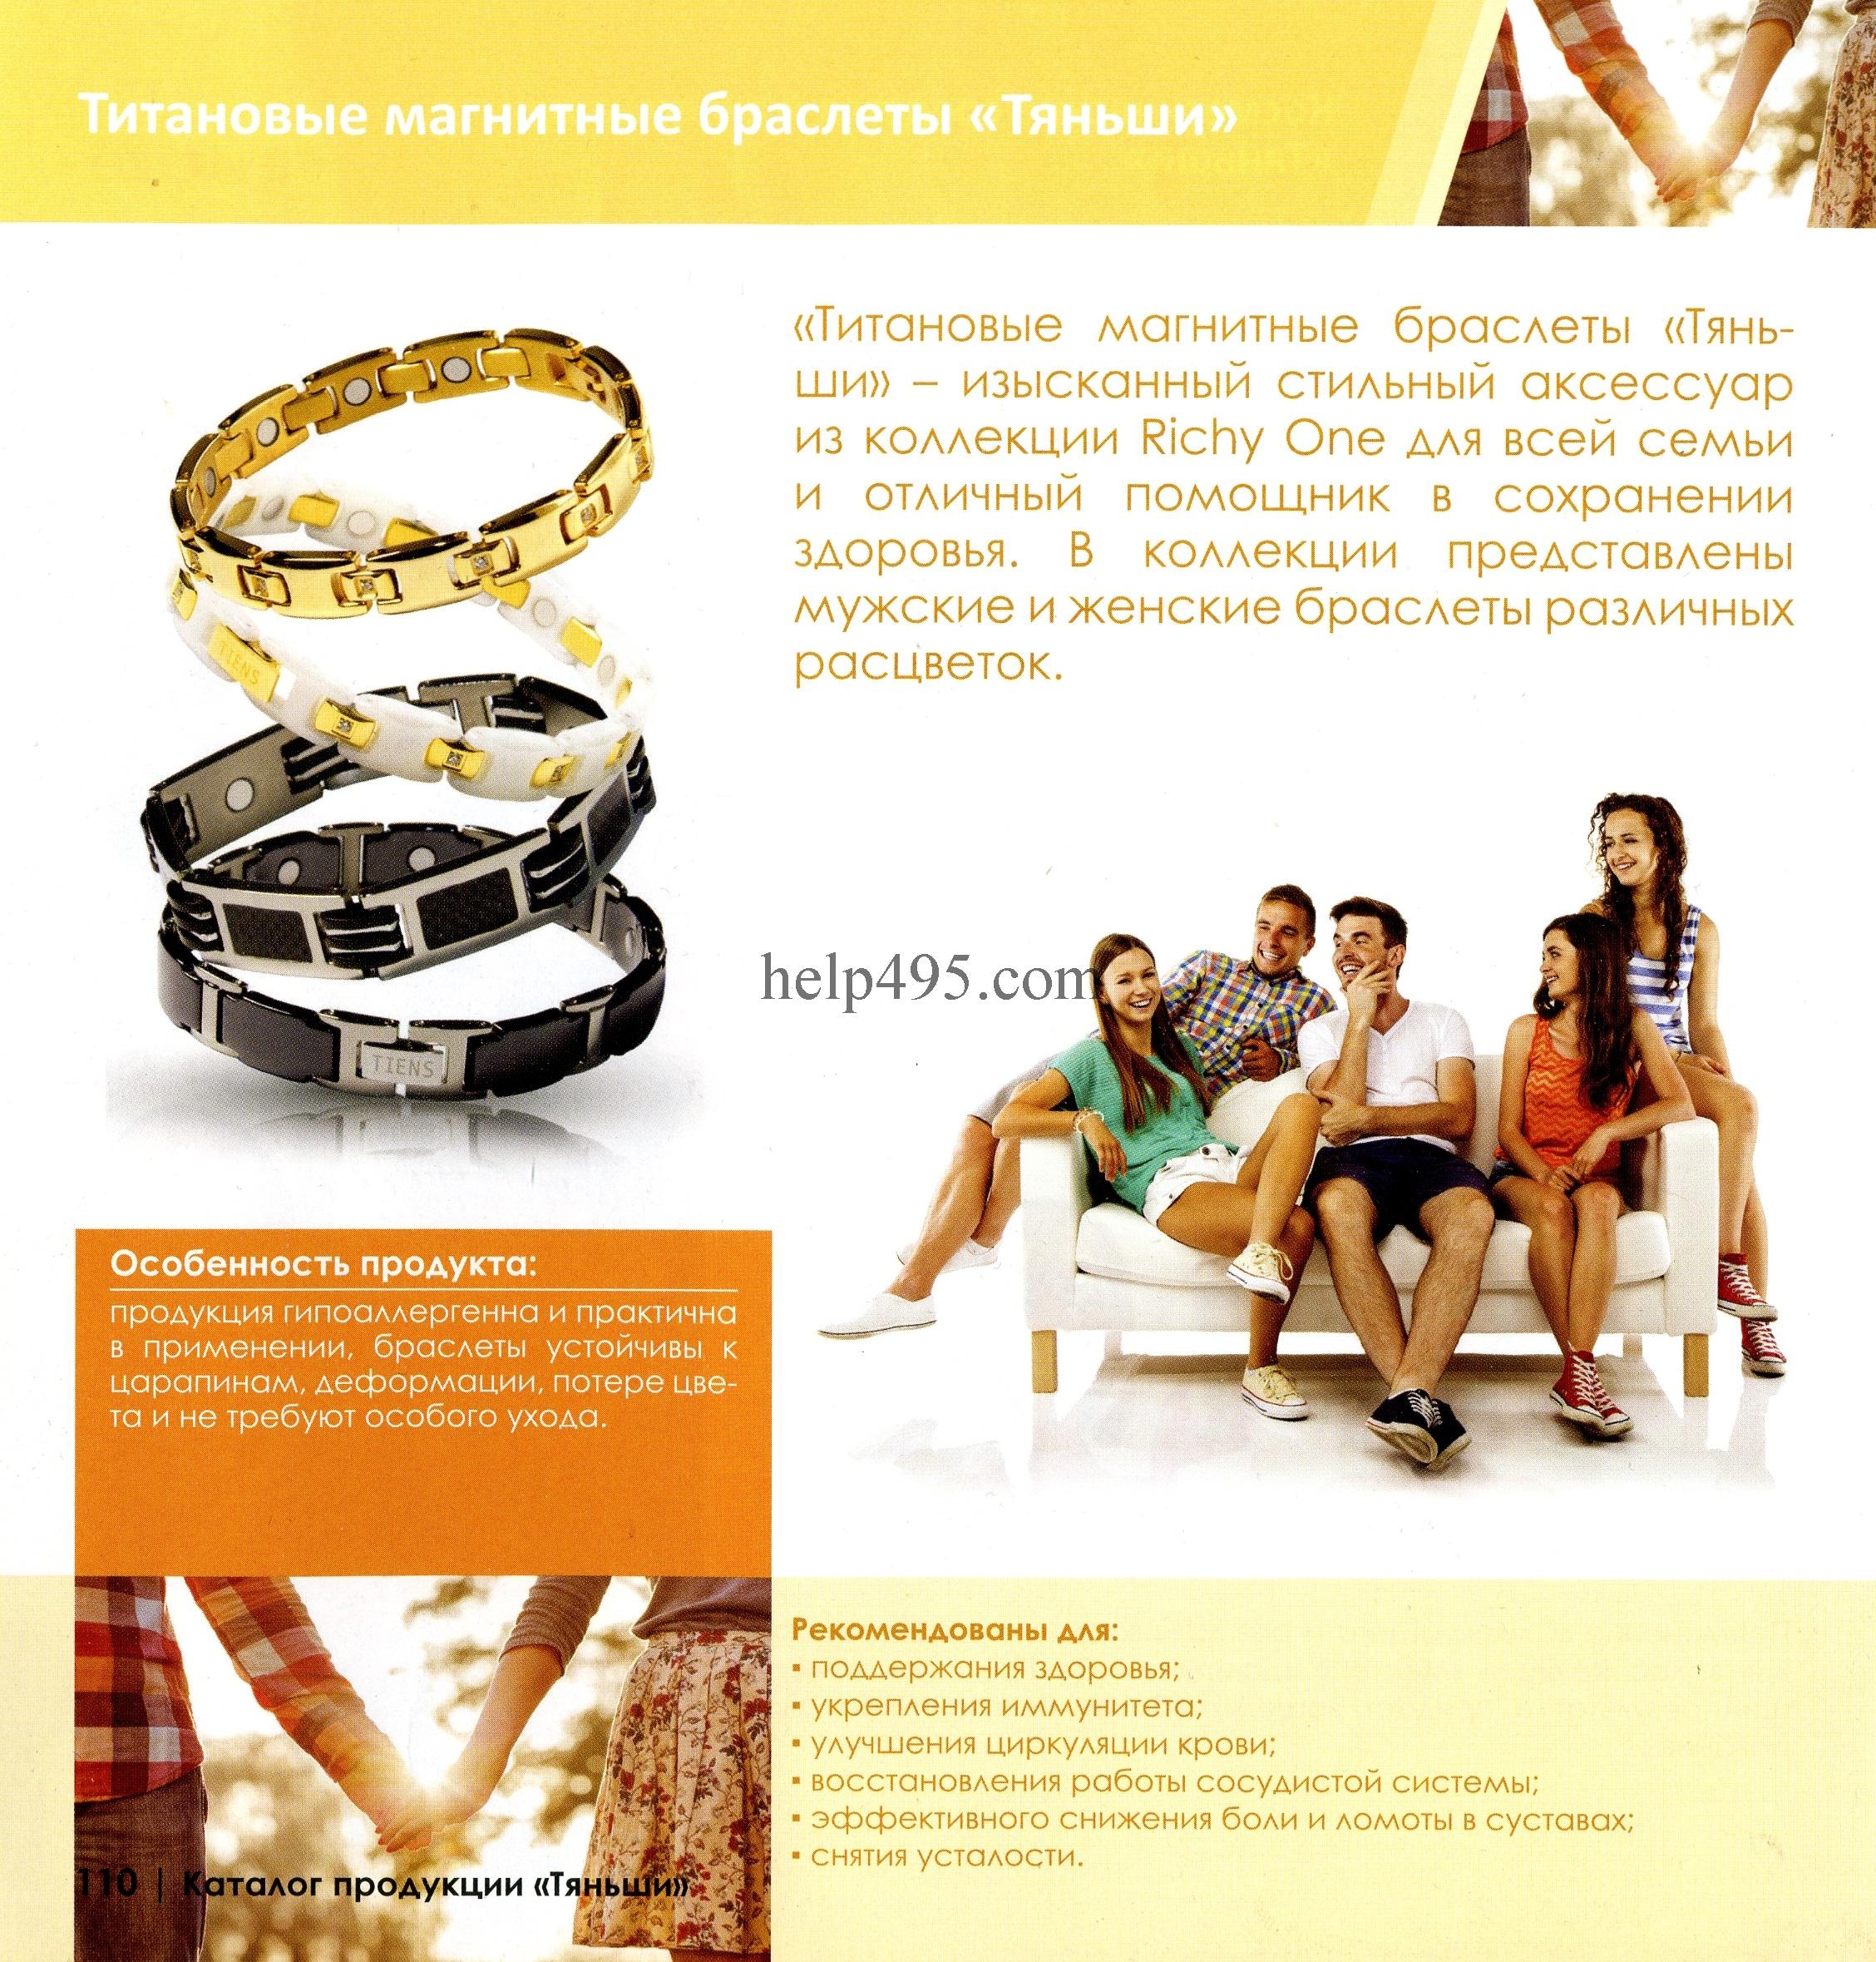 Кому рекомендованы Титановые магнитные браслеты Тяньши?